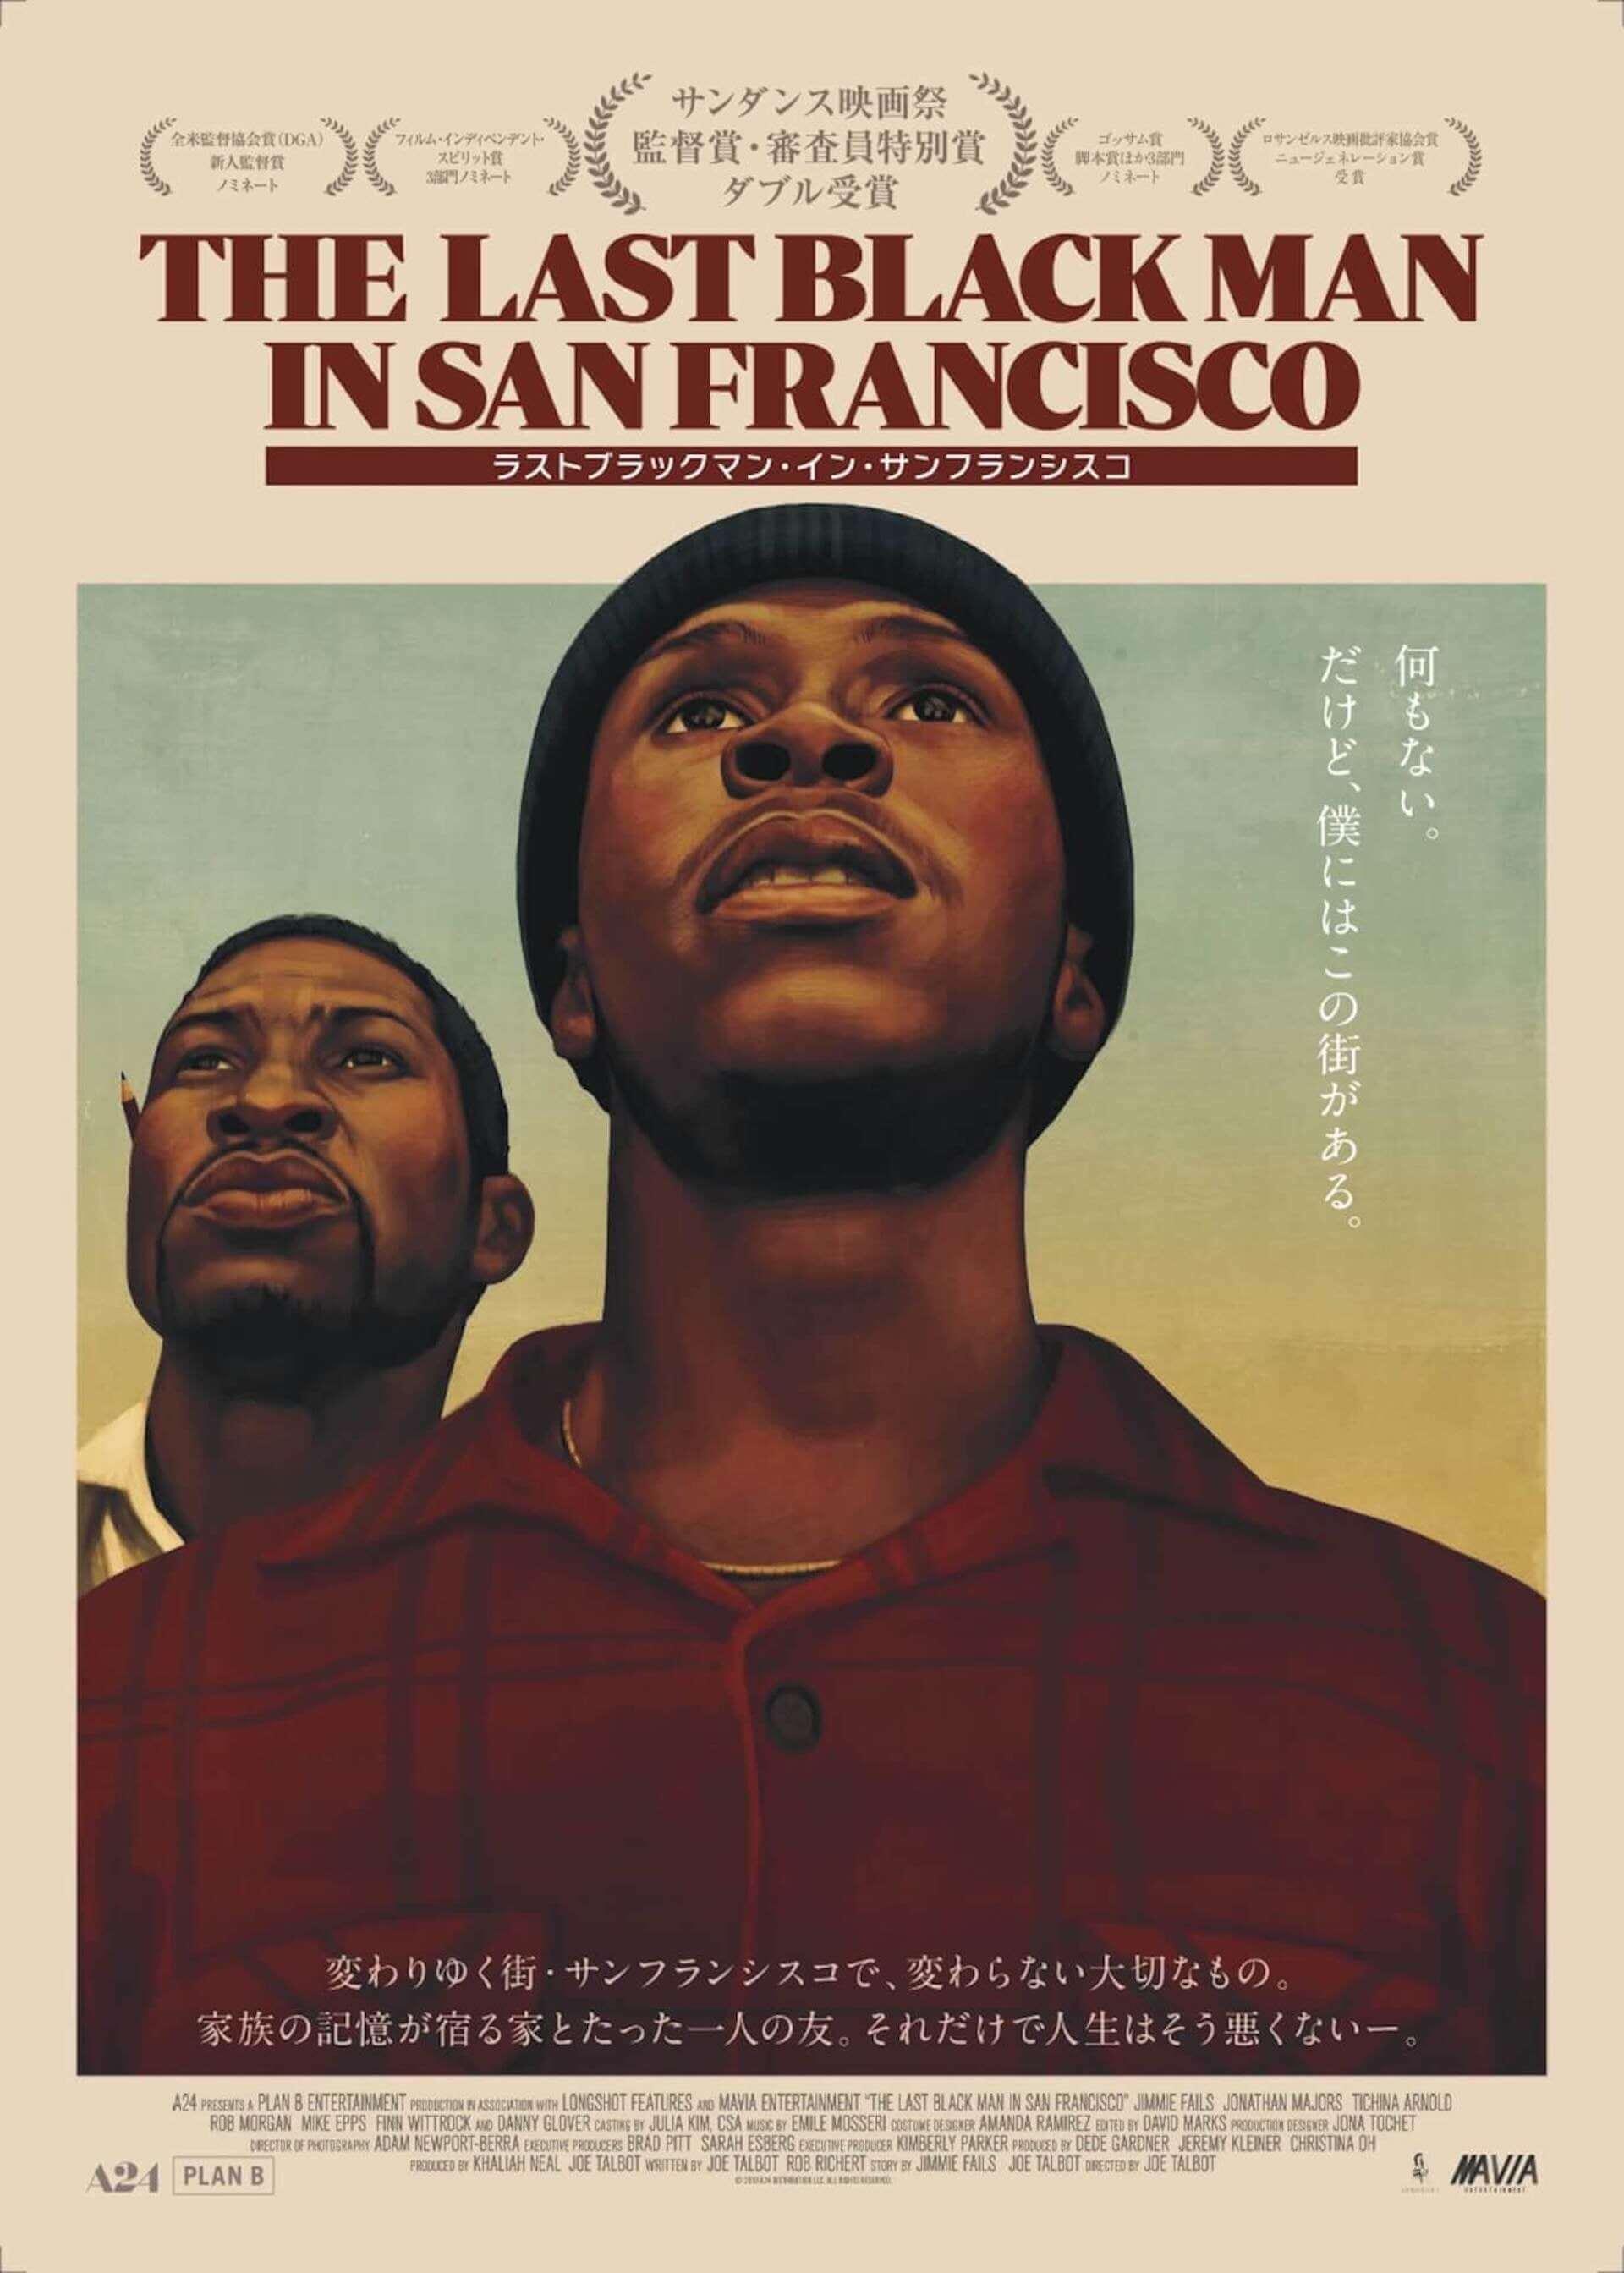 長場雄らが描き下ろし!A24×プランB最新作『ラストブラックマン・イン・サンフランシスコ』のアートポスターが解禁&プレゼント企画も開始 film200904_lastblackman_4-1920x2687